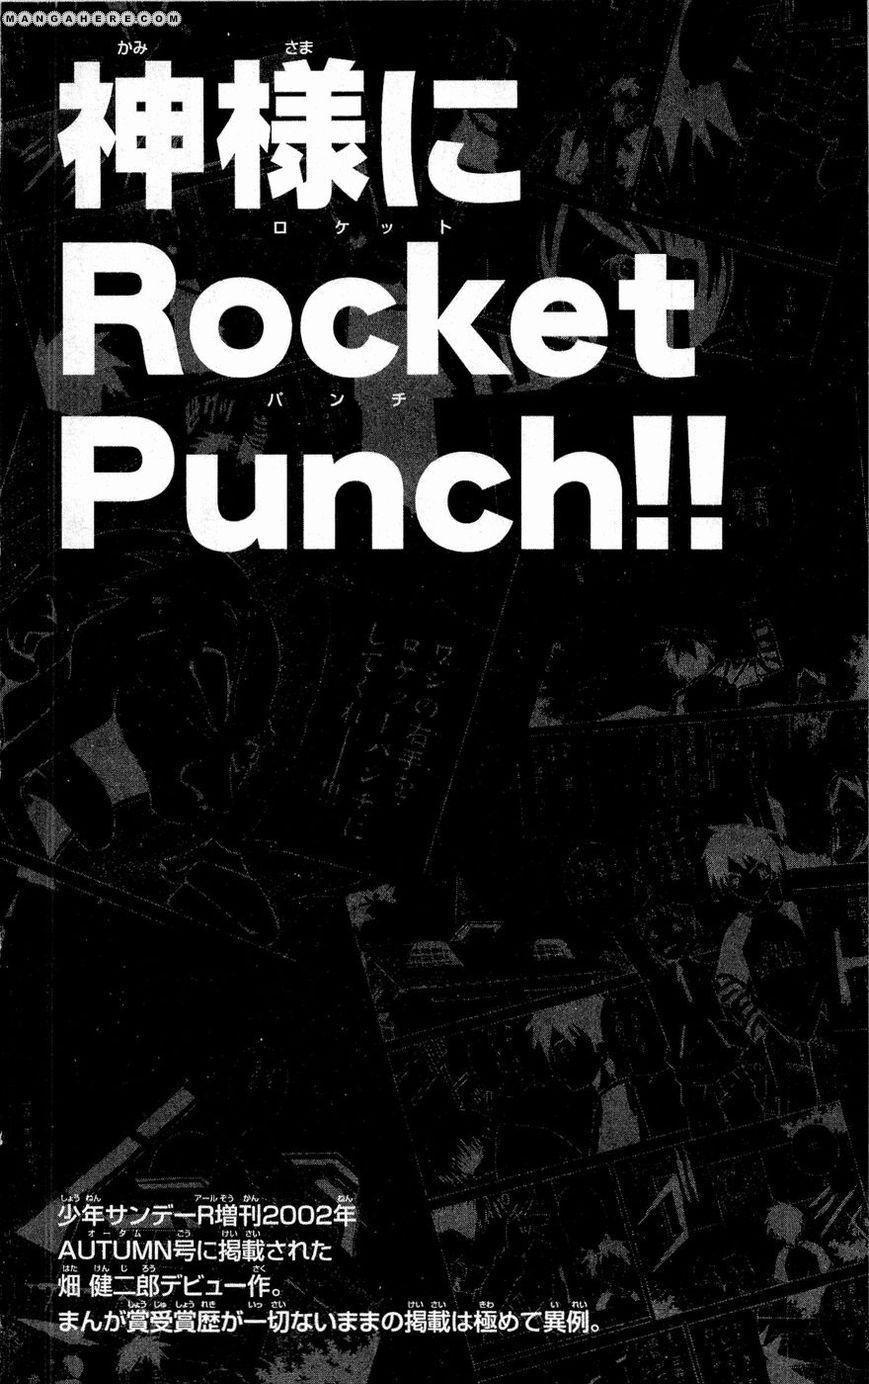 Kami-sama ni Rocket Punch!! 1 Page 1